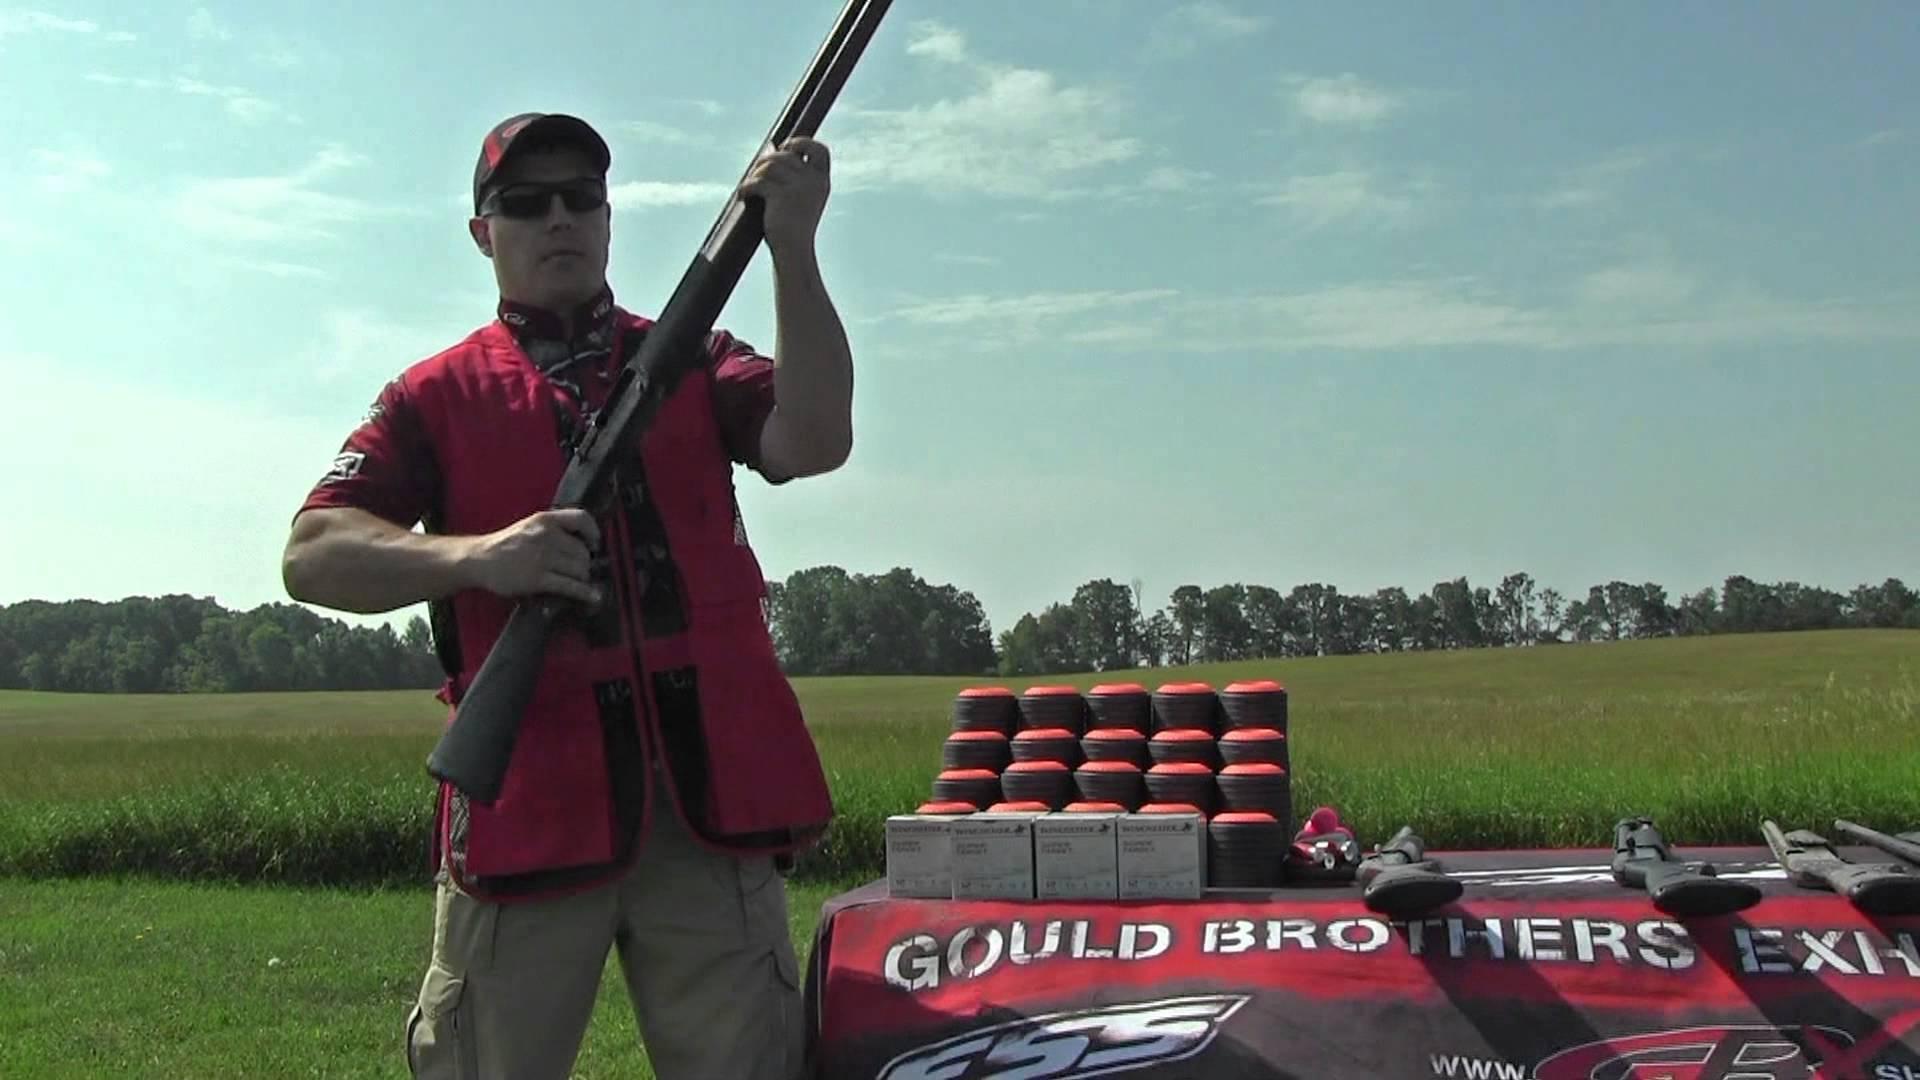 Sit-Ups vs. Pushups - Wk 1 Gould Brothers Shotgun Shoot-Out Series